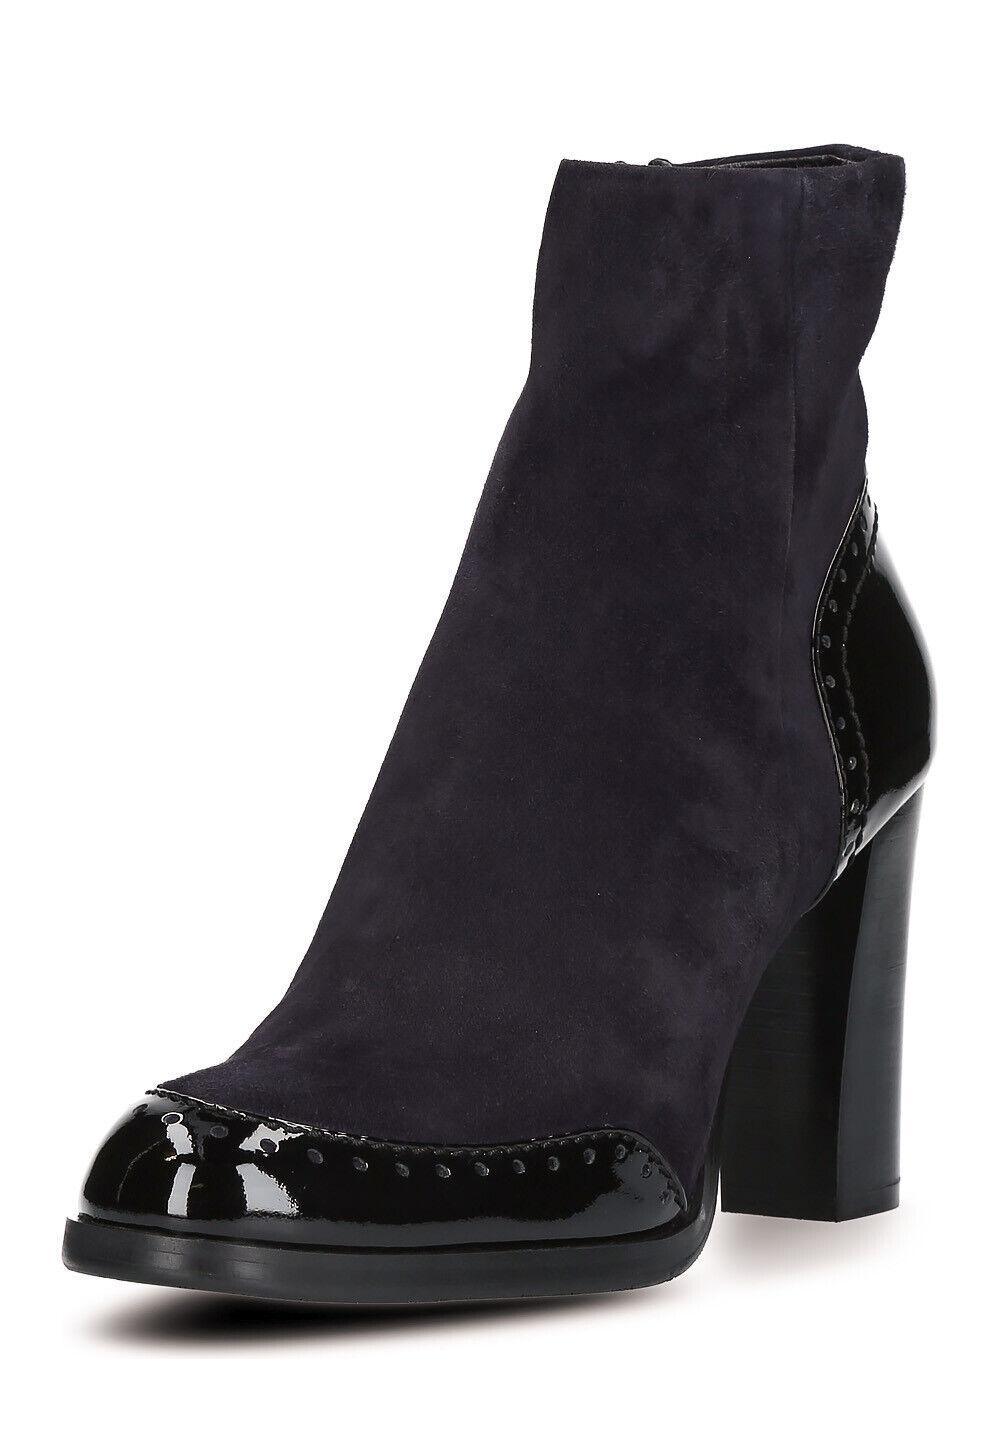 JOOP  Damen SCHUHE lila Ankle Stiefel Größe 41 41.5